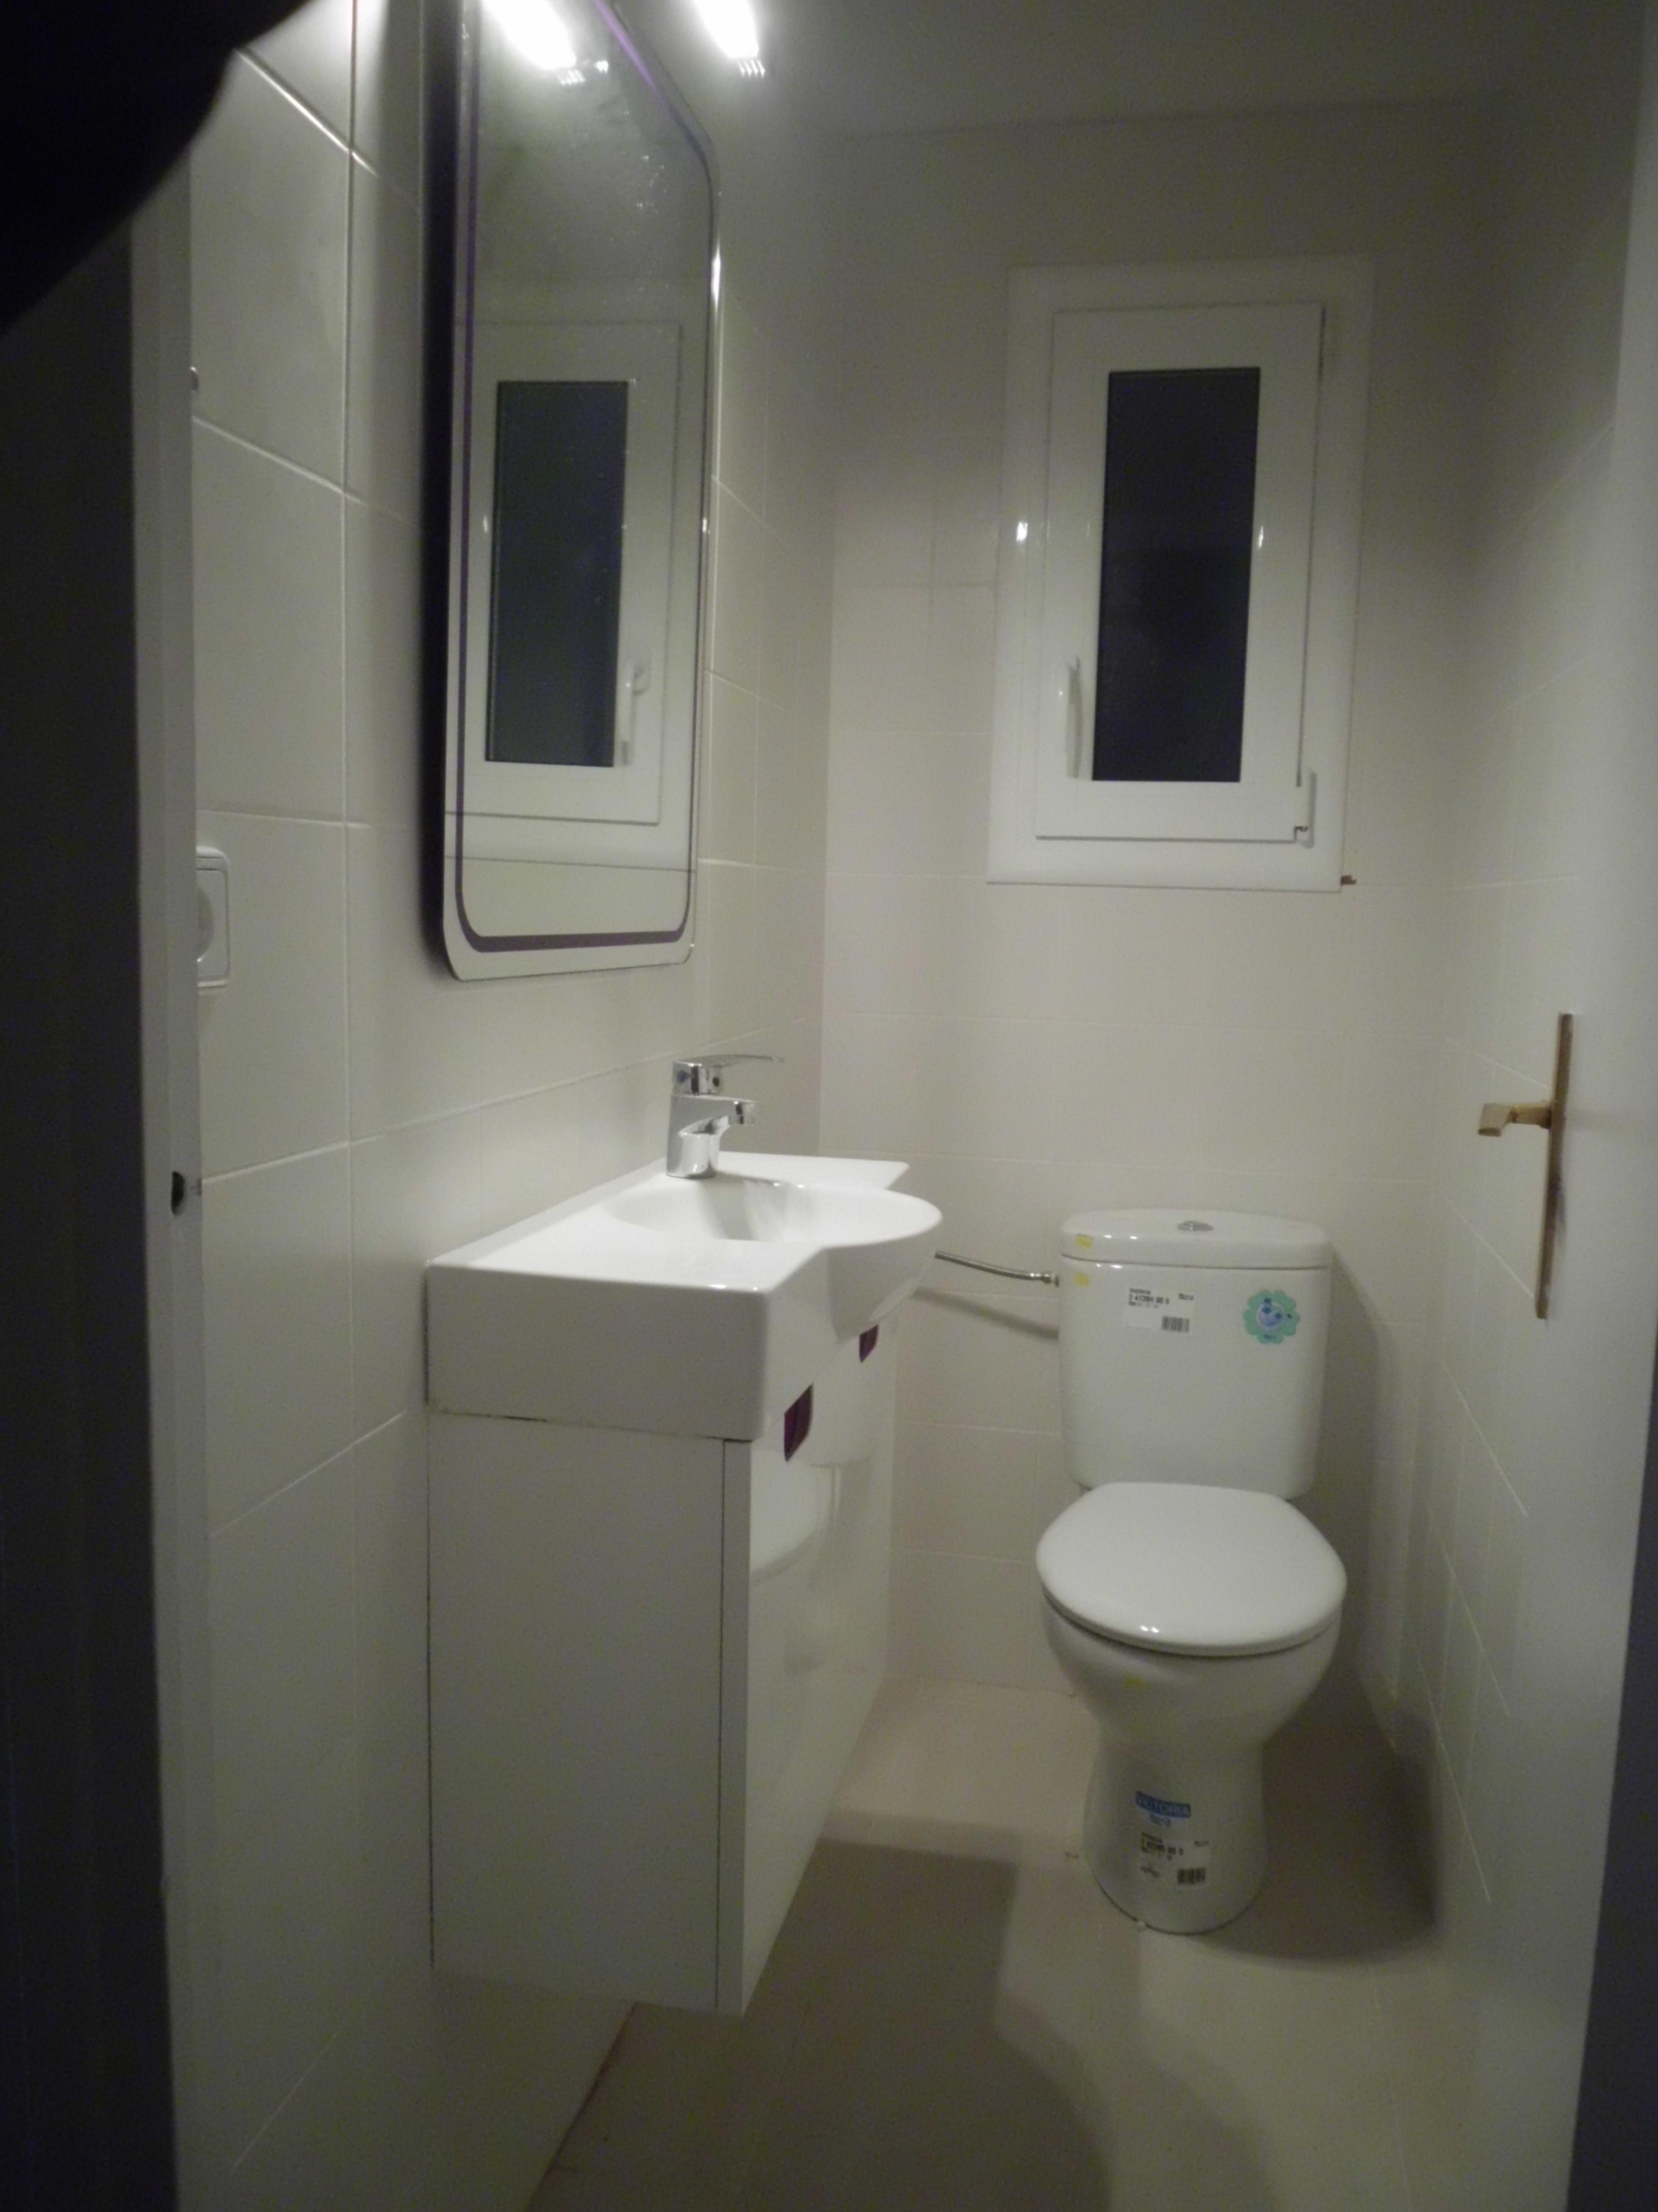 Reforma econ mica de un piso para alquilar - Como calentar un piso de forma economica ...